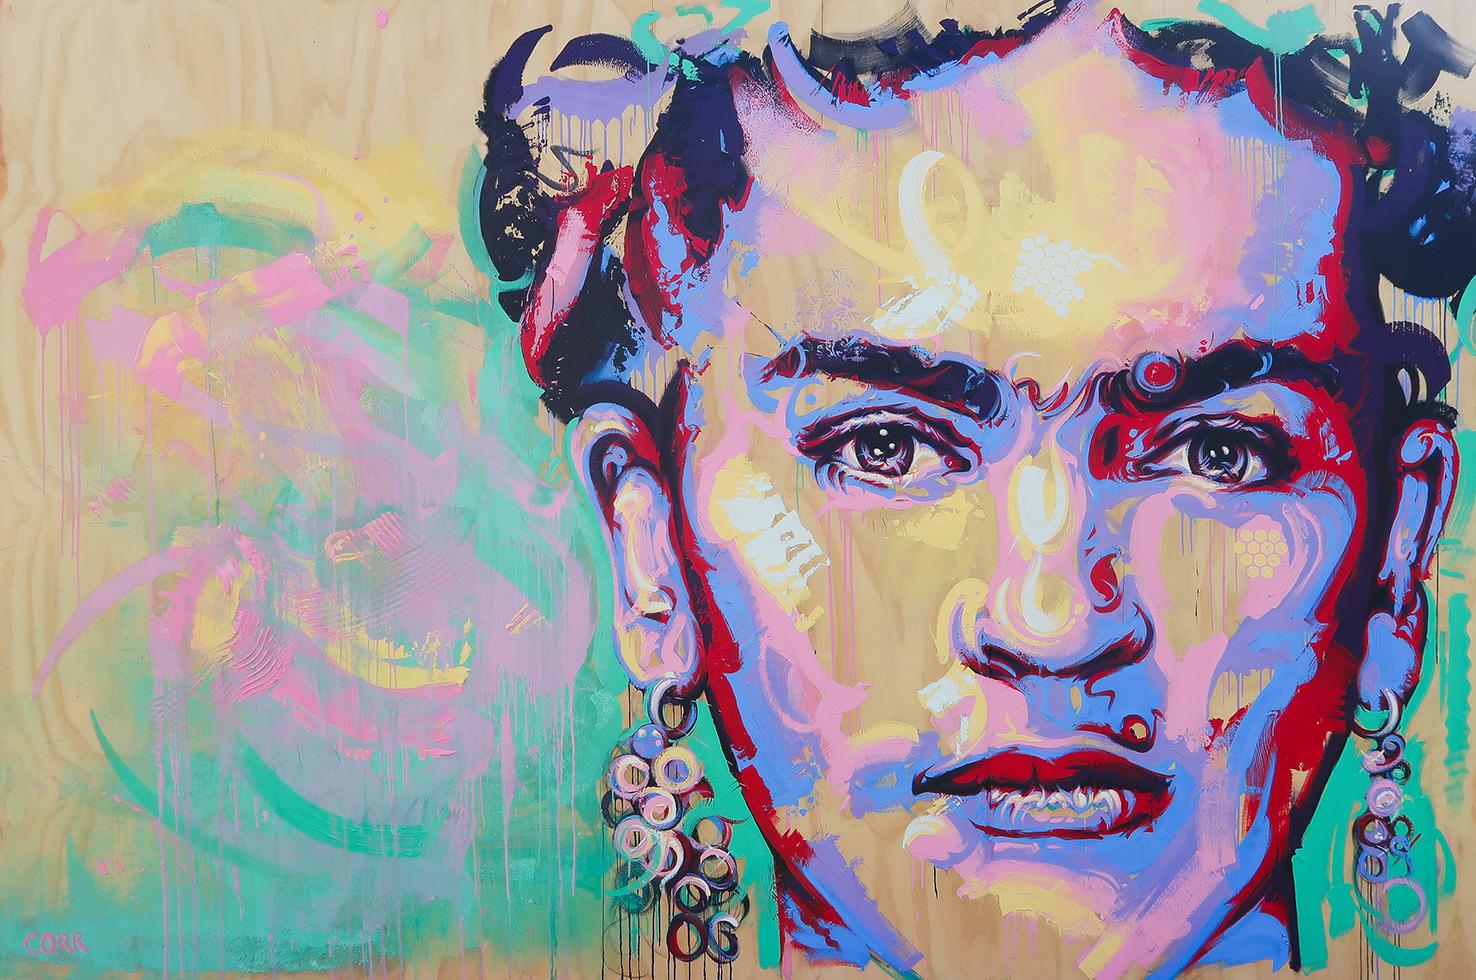 Michael_Corr_Frida_Mural_YT.jpg